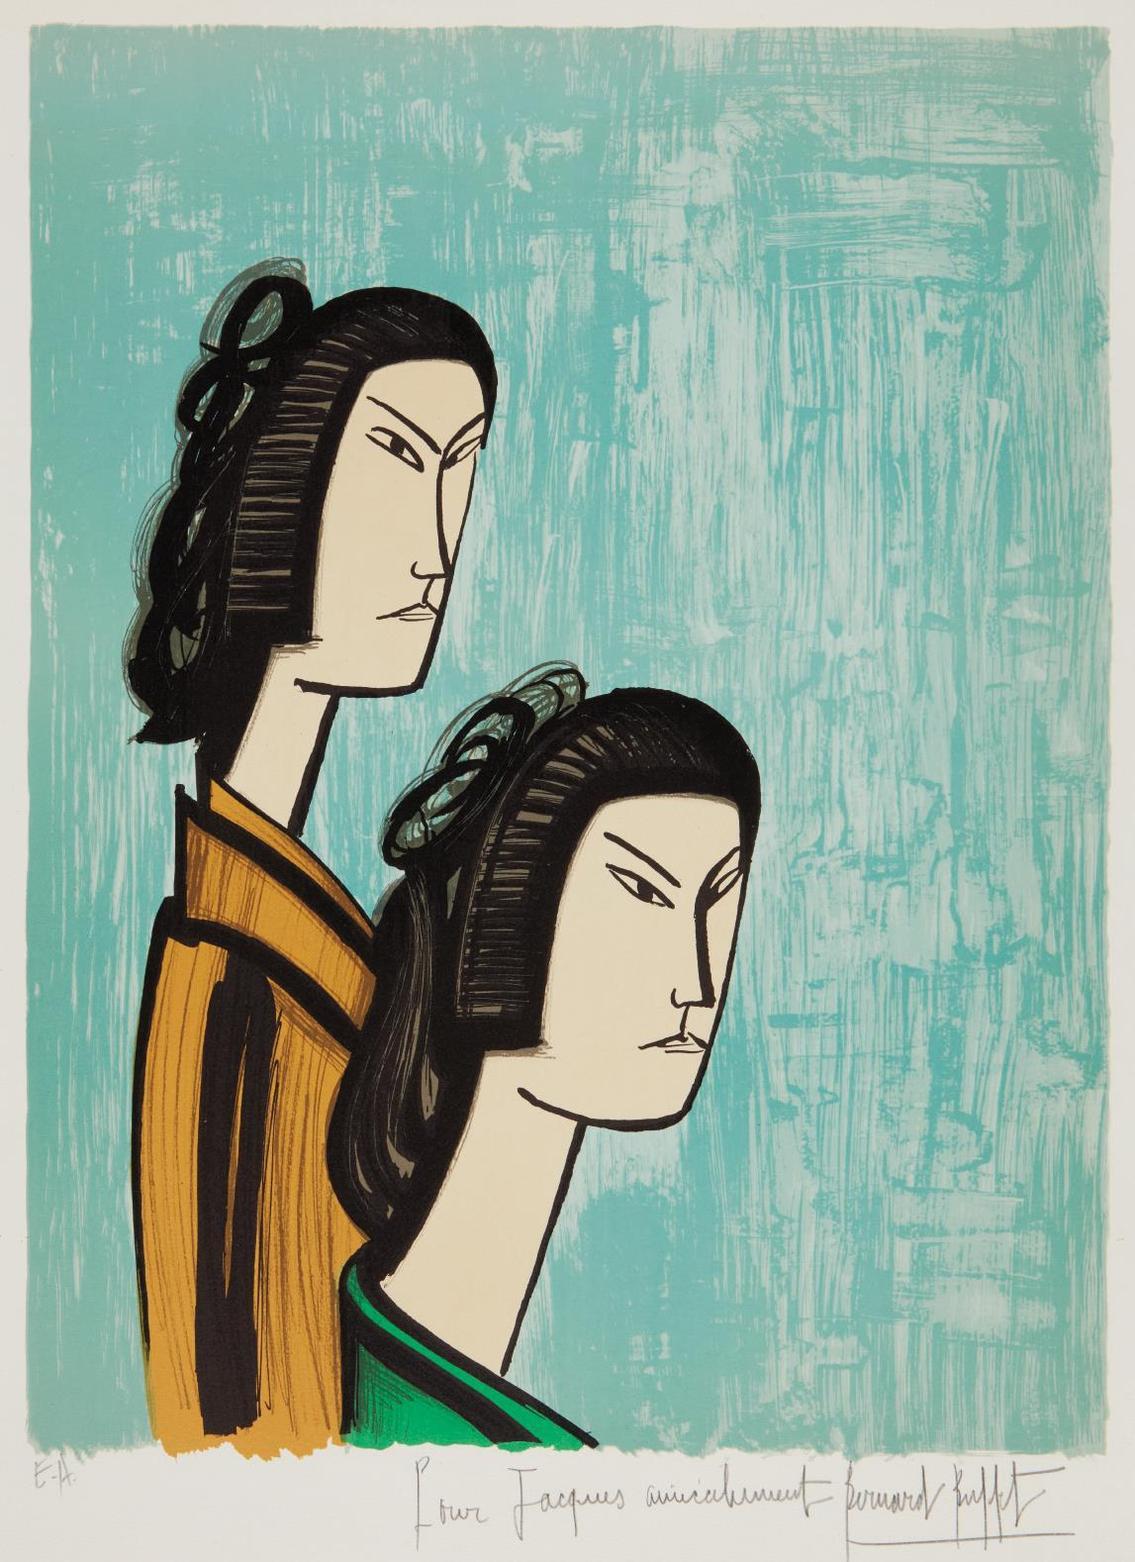 Bernard Buffet-Japonaises (Japanese Women)-1981